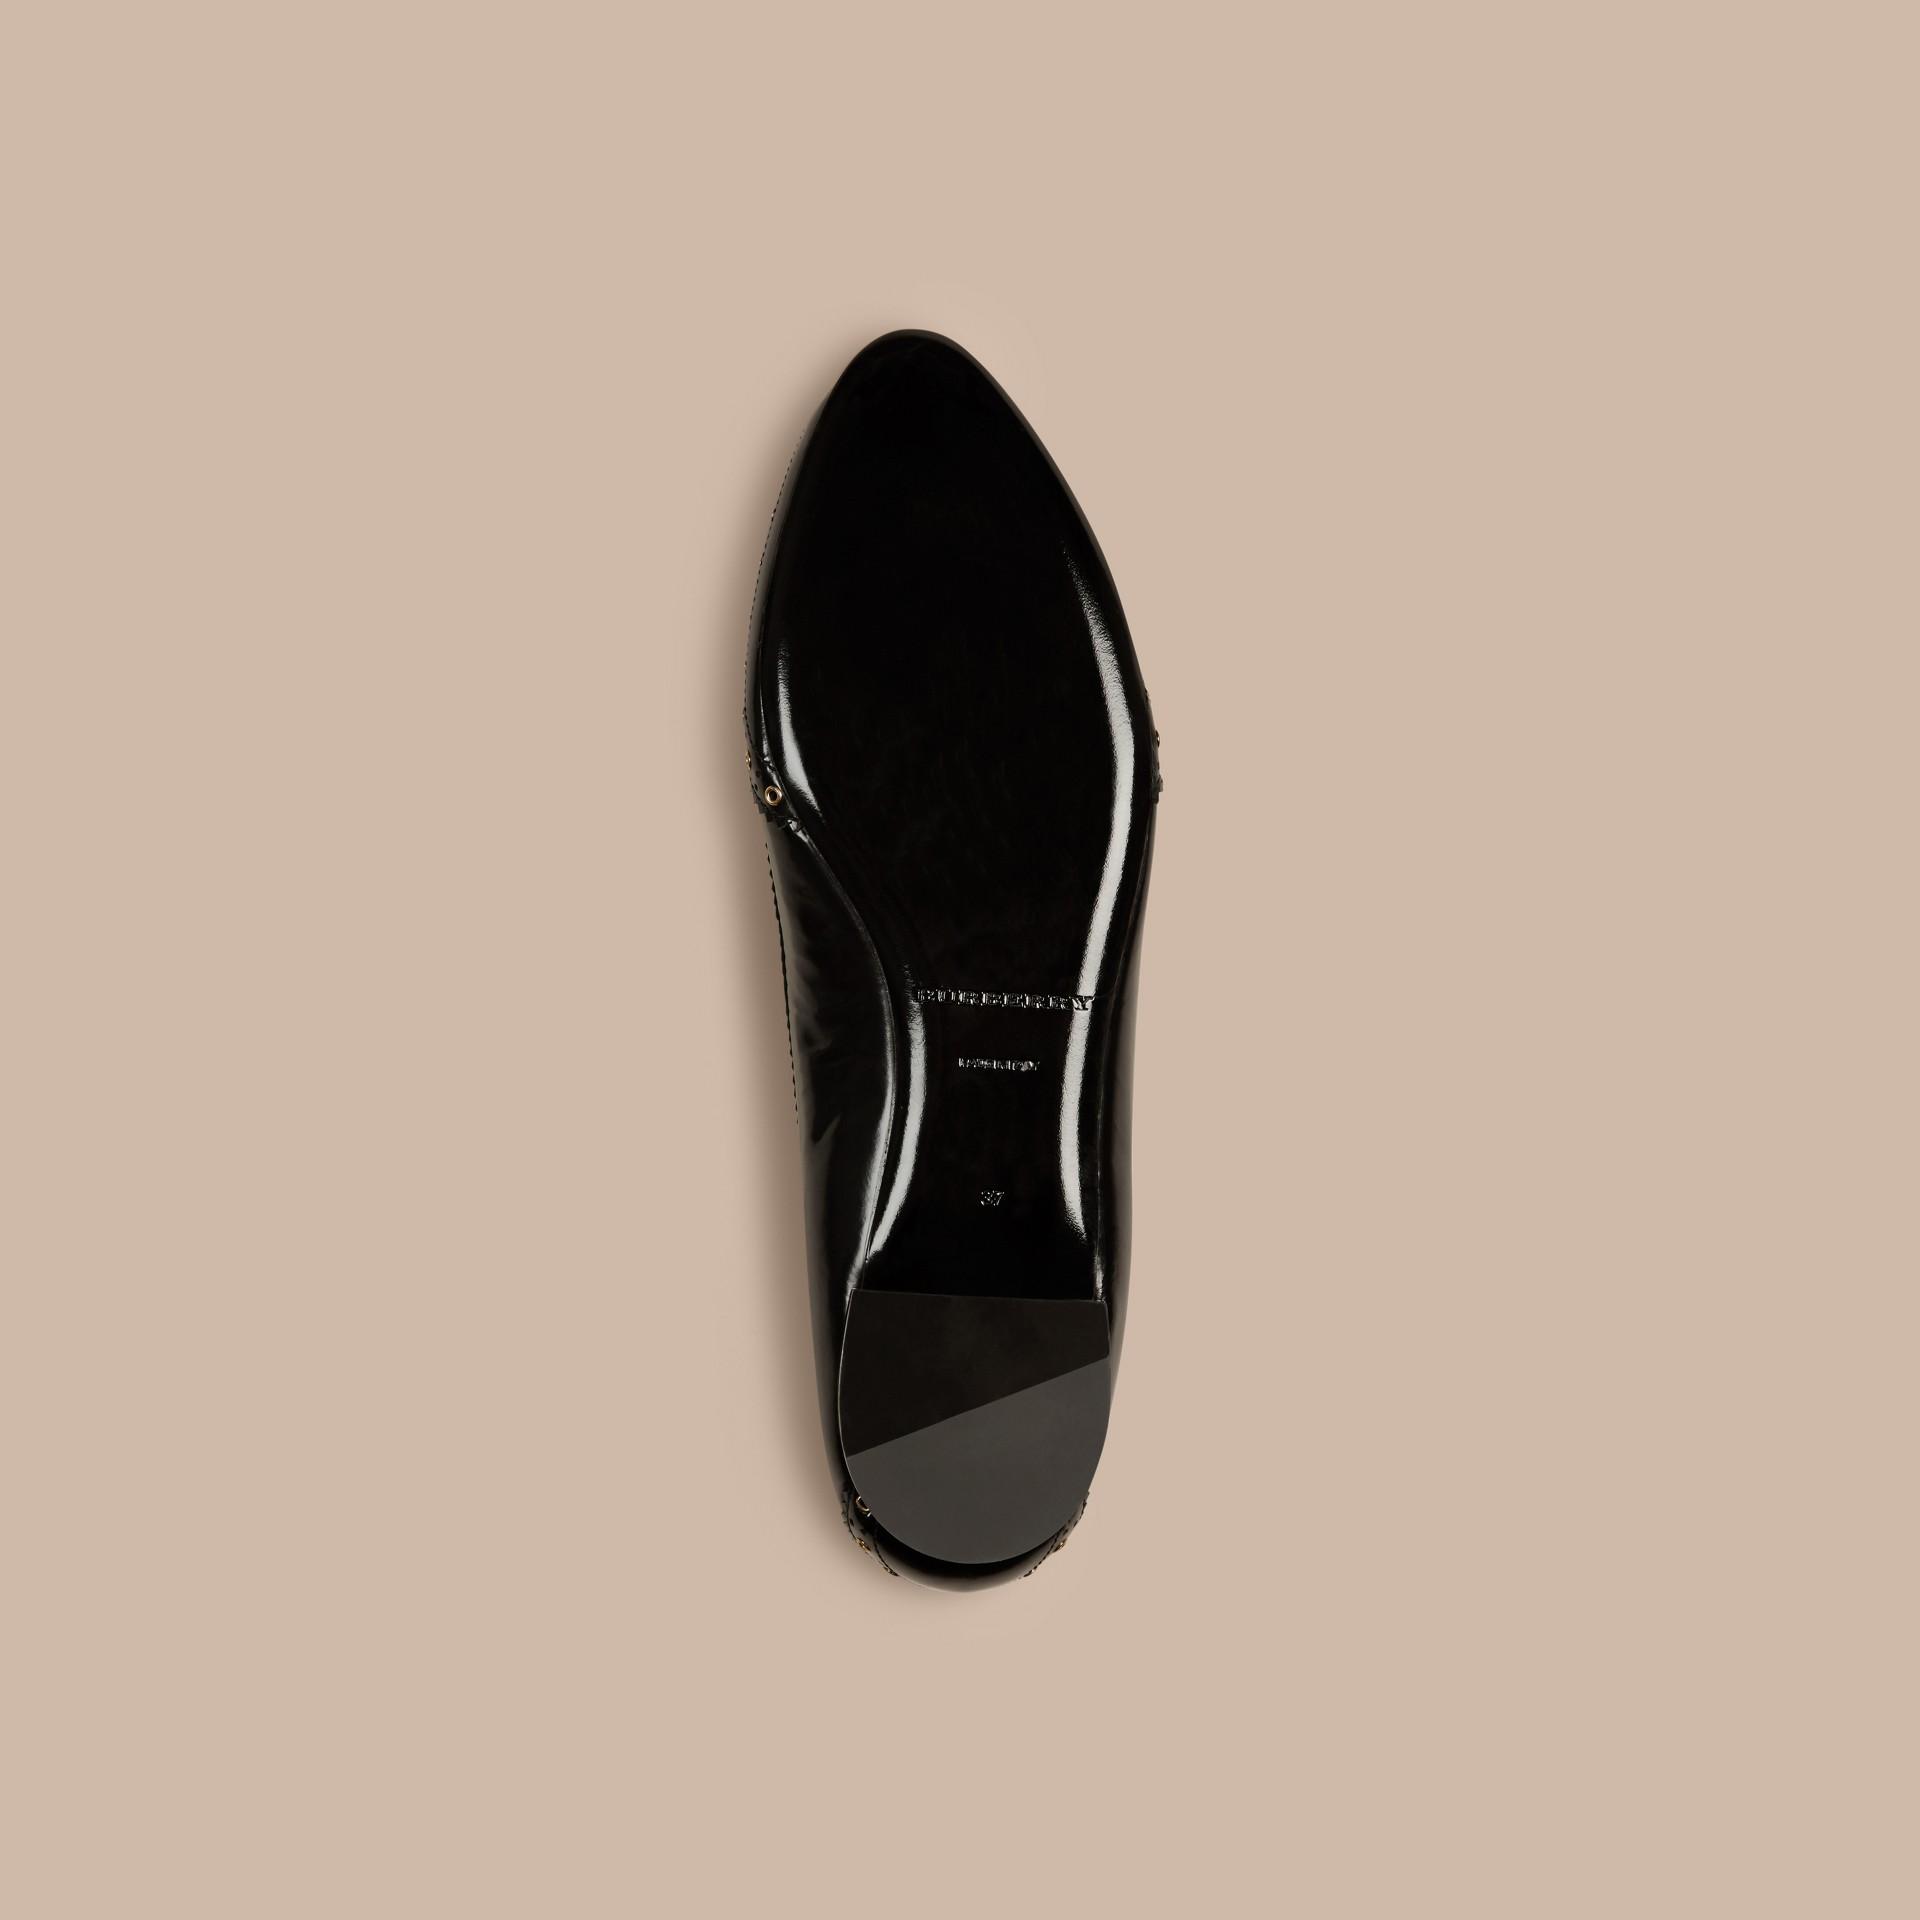 Preto Sapatilhas de couro com wingtip – Produto vendido exclusivamente online - galeria de imagens 5